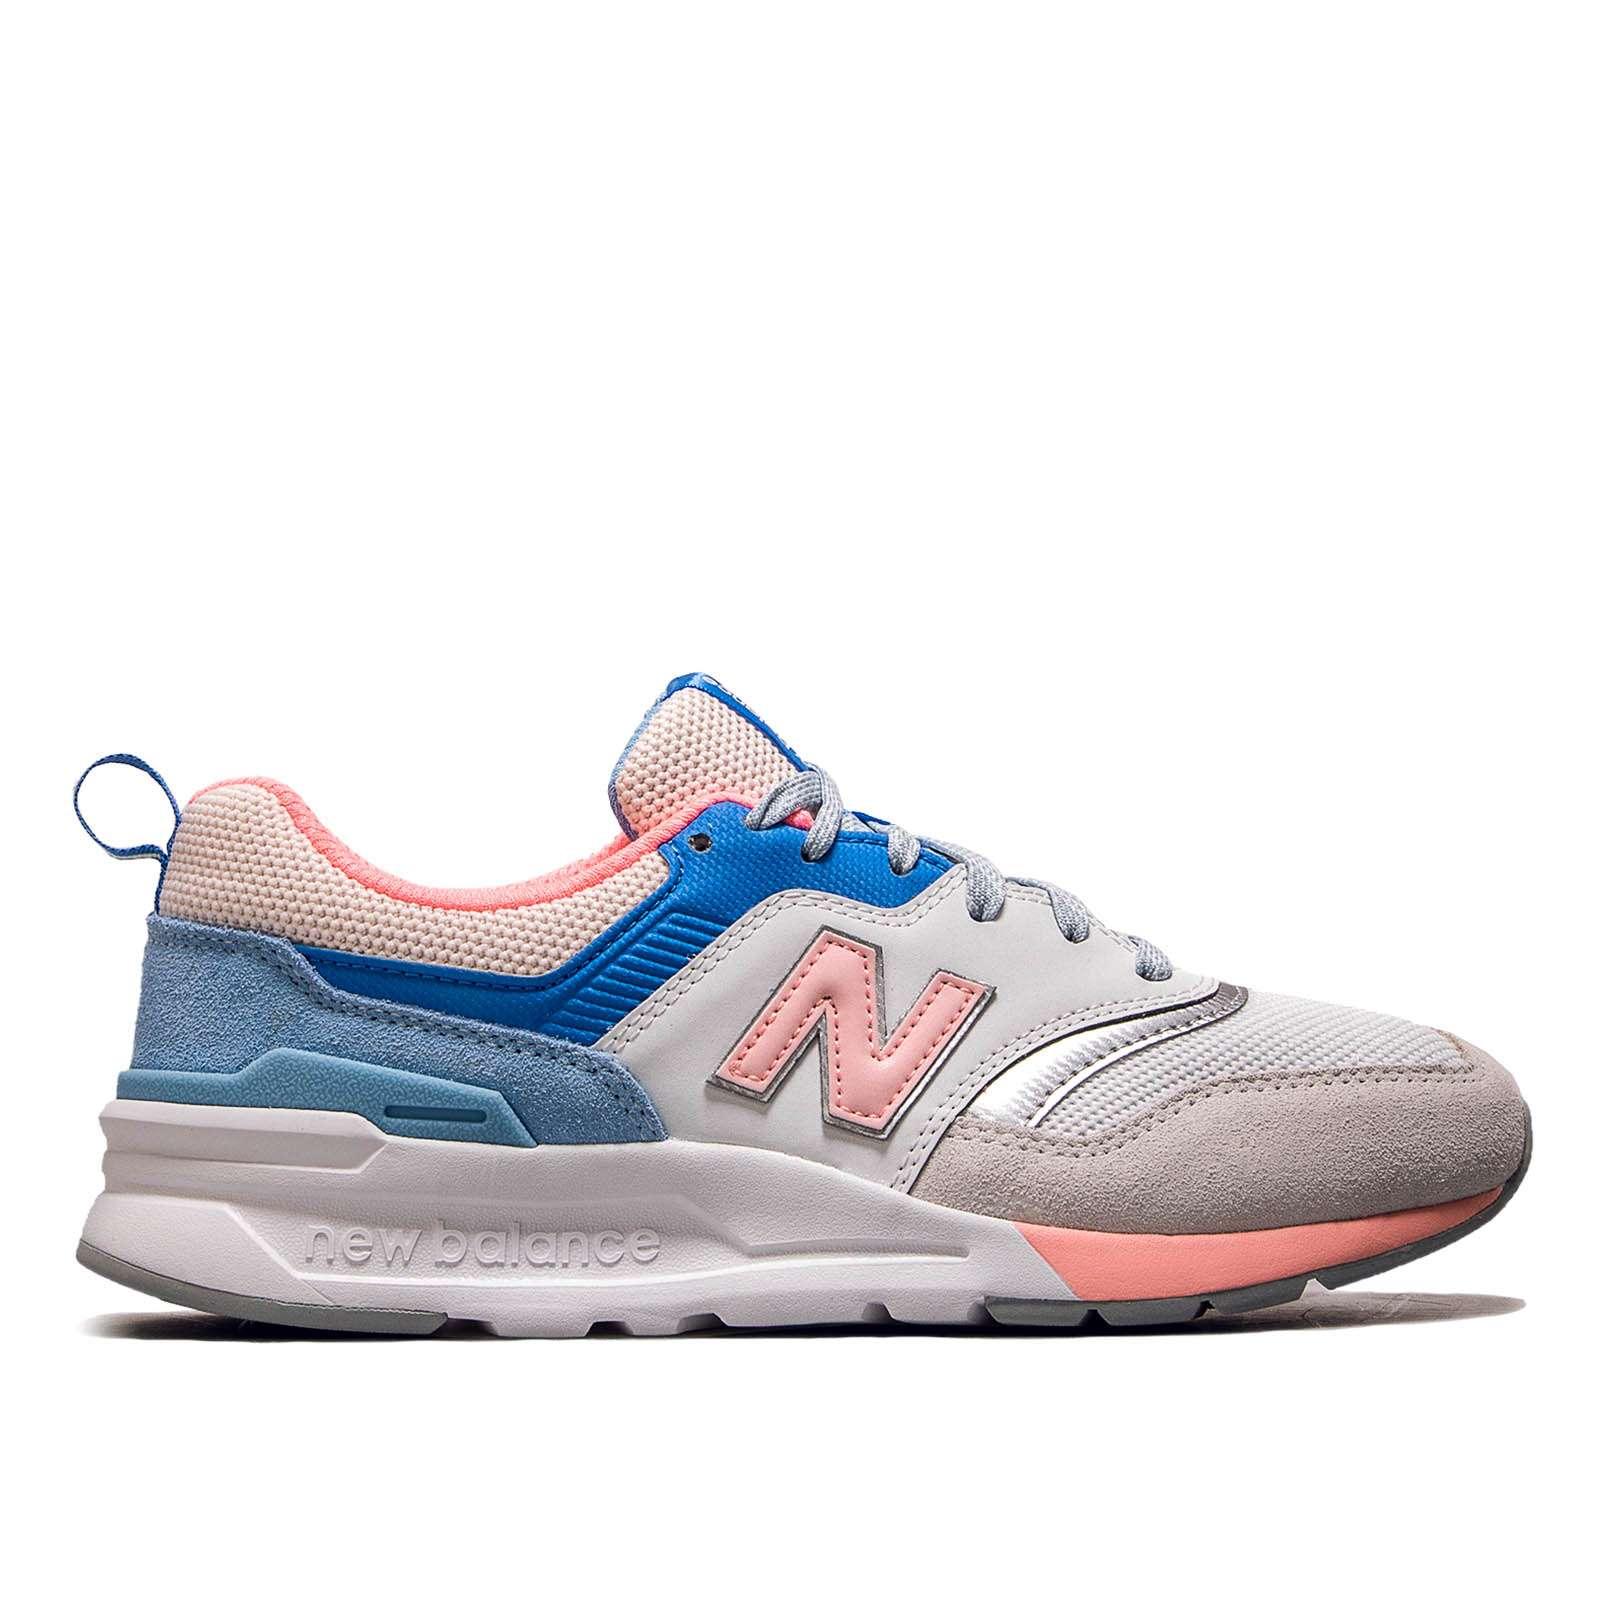 cc9bc4e7c2083 bunten Damen Sneaker von New Balance online kaufen ...